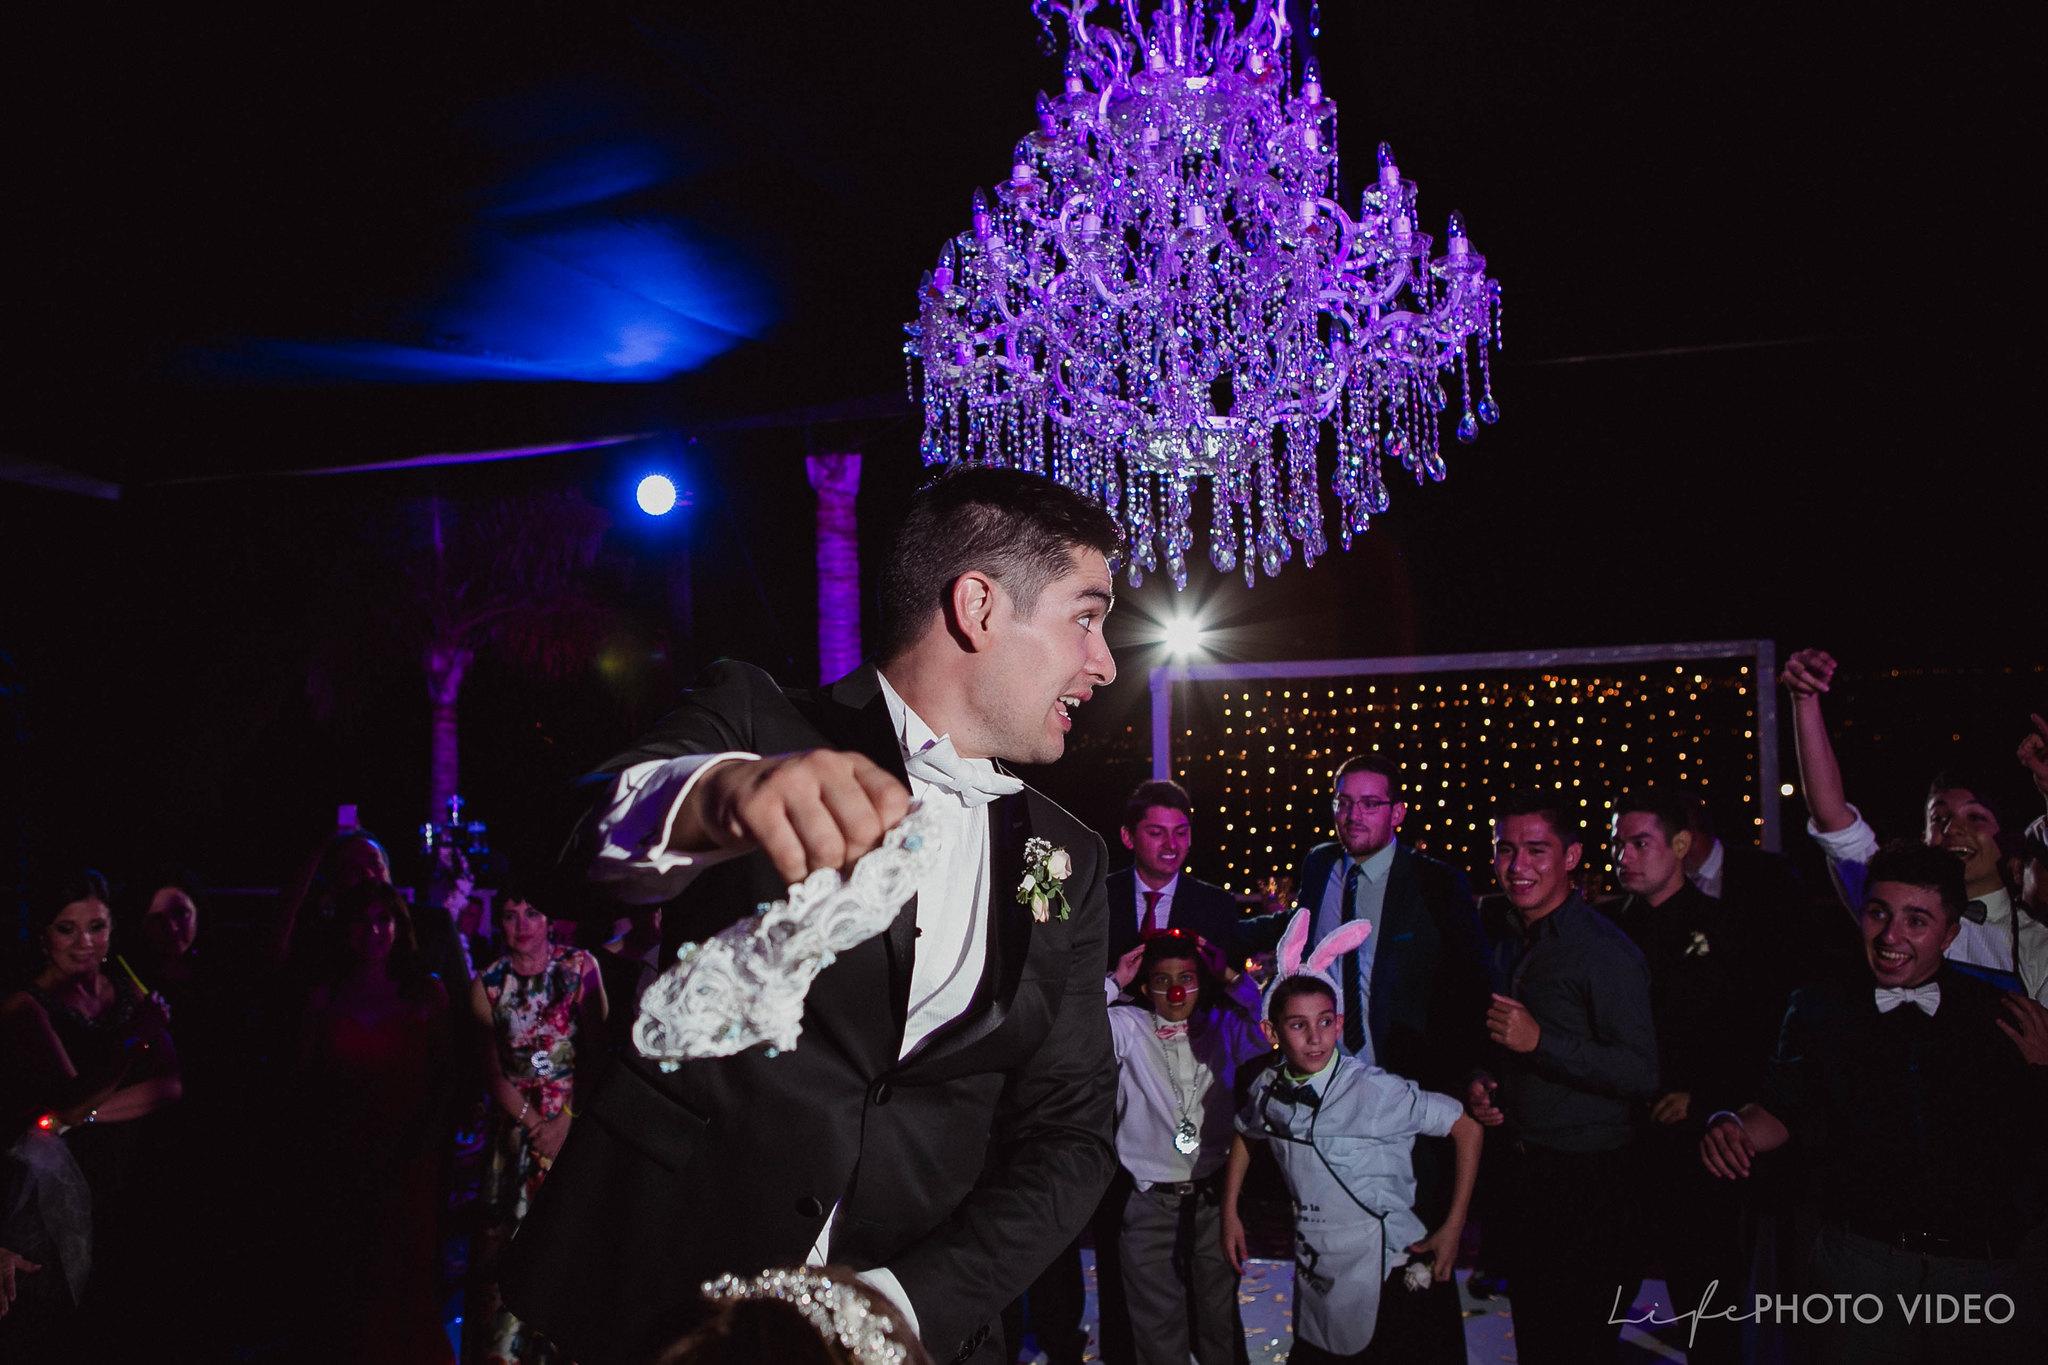 Boda_LeonGto_Wedding_LifePhotoVideo_0014.jpg